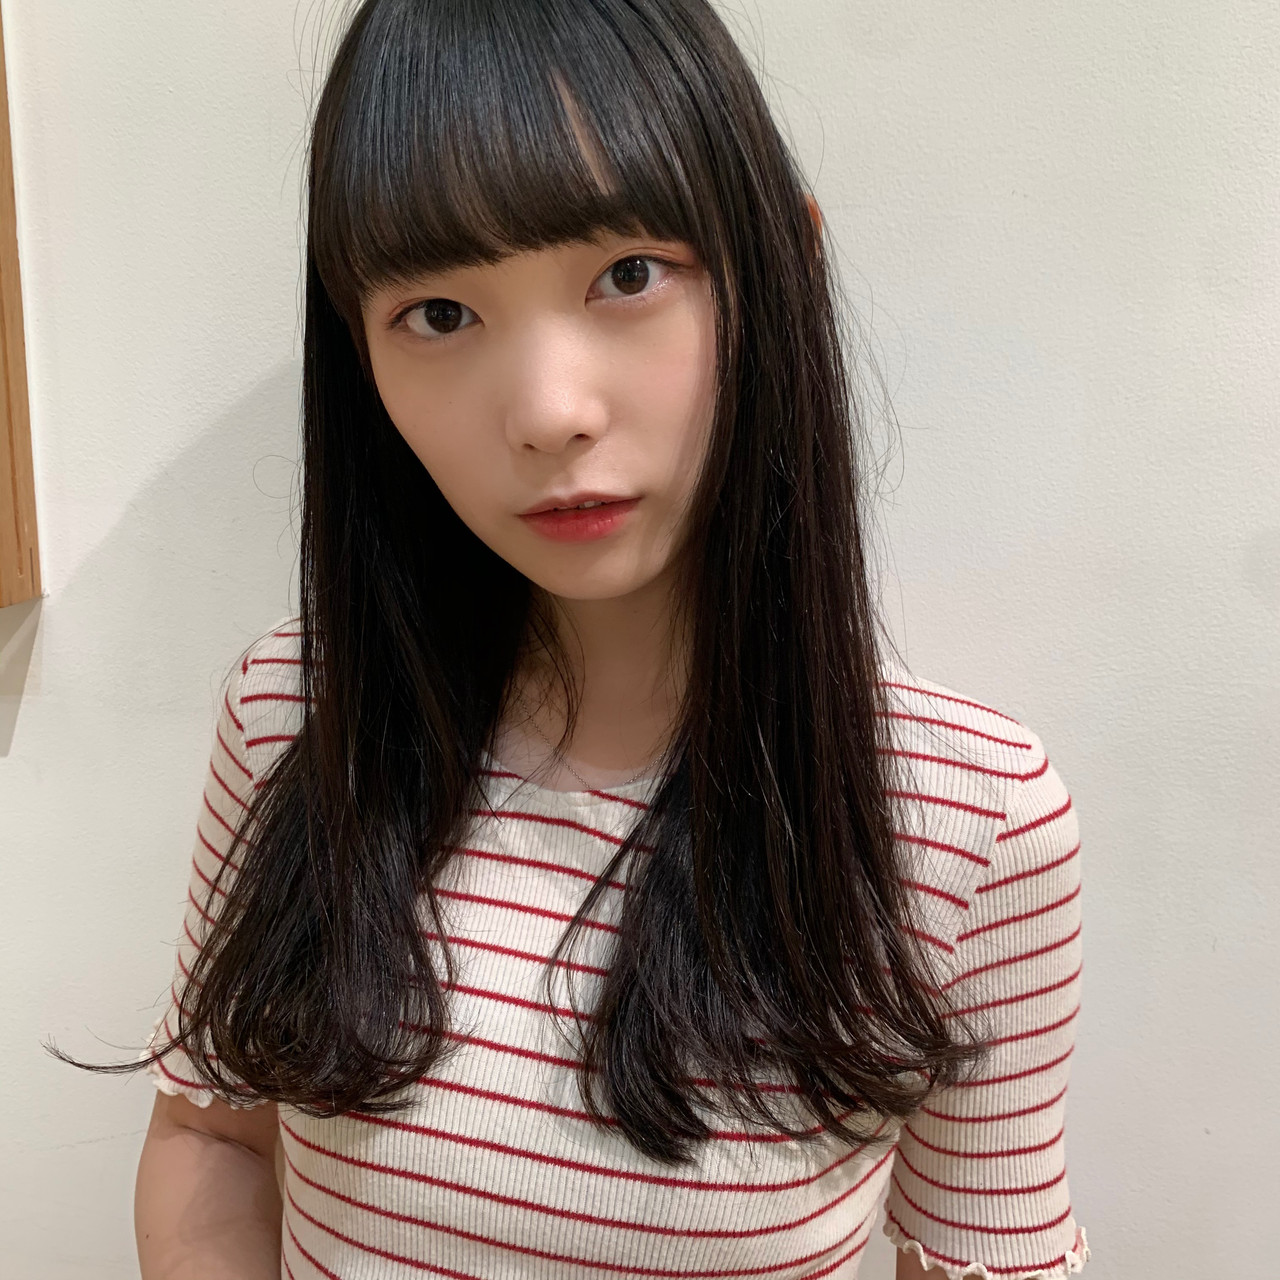 簡単スタイリング ロング 縮毛矯正 大人可愛い ヘアスタイルや髪型の写真・画像